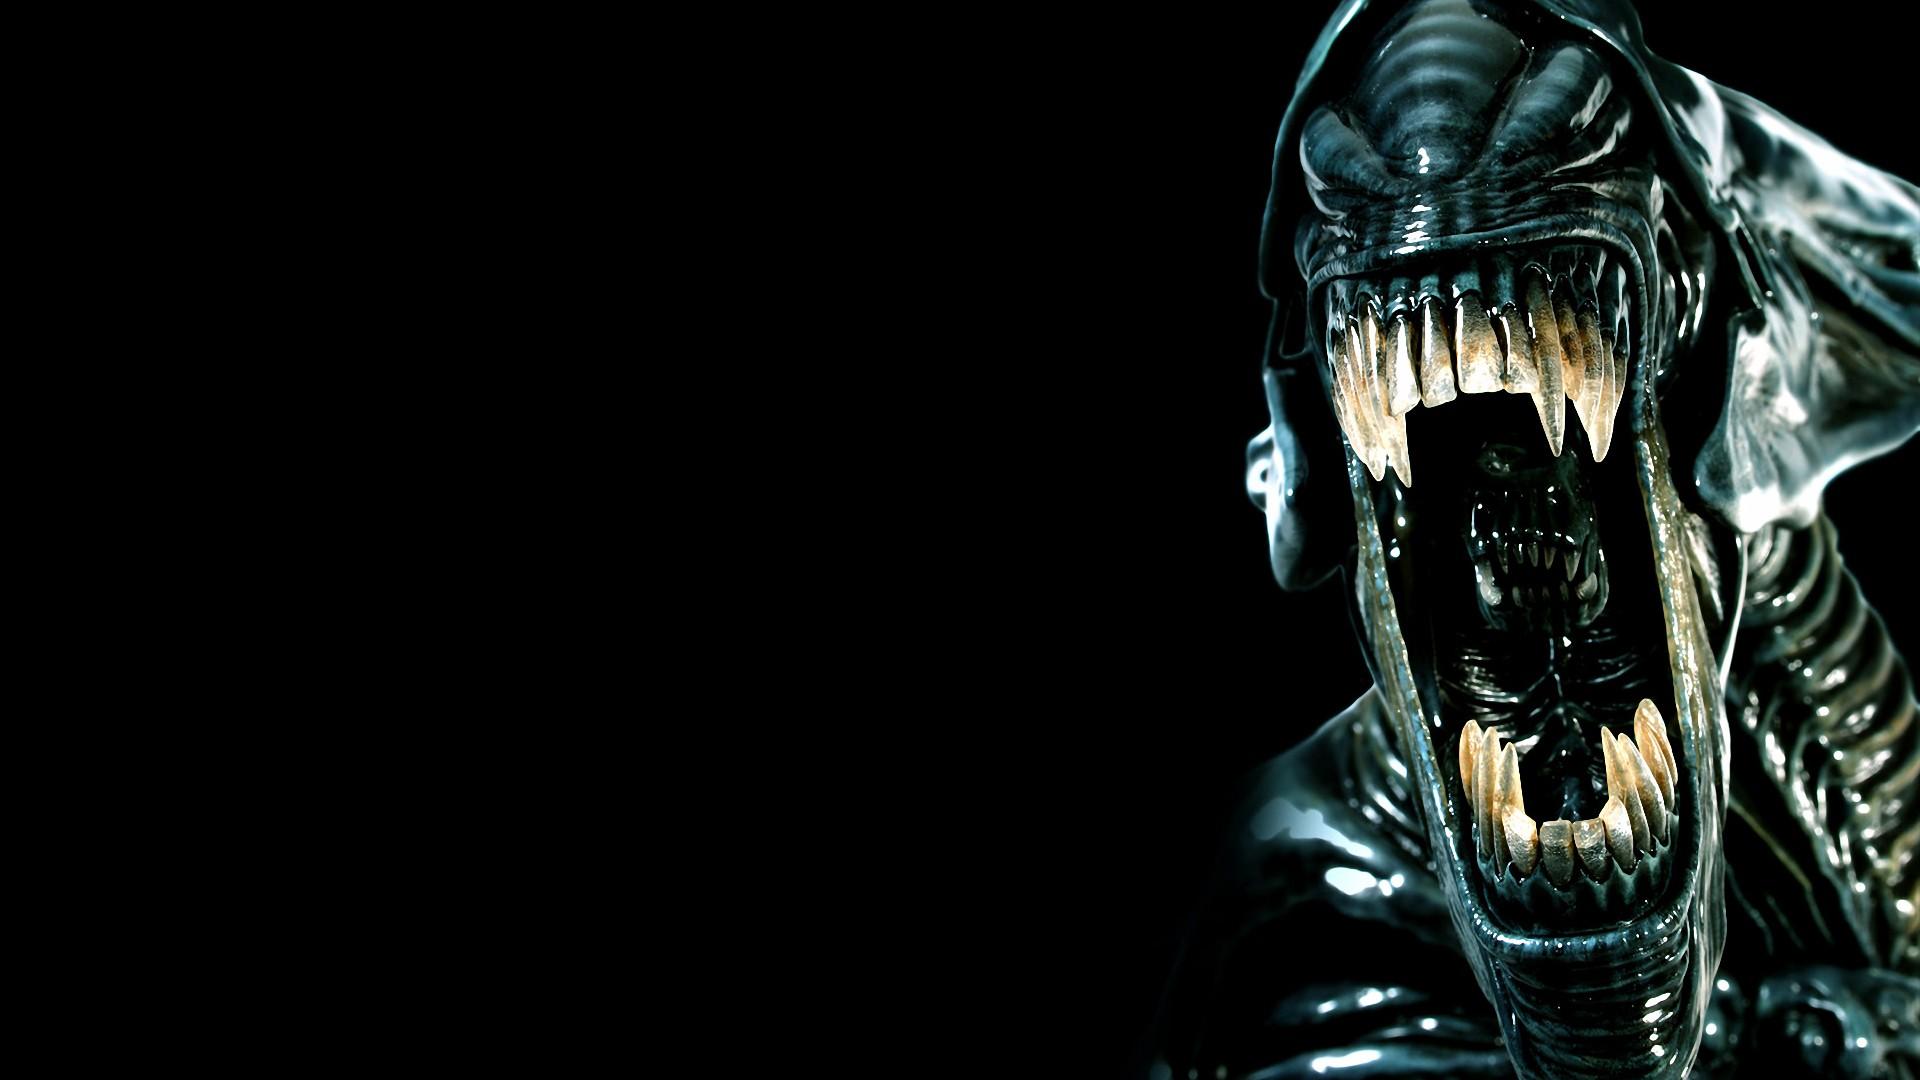 Alien Queen Wallpaper 1920x1080 Alien Queen Aliens 1920x1080